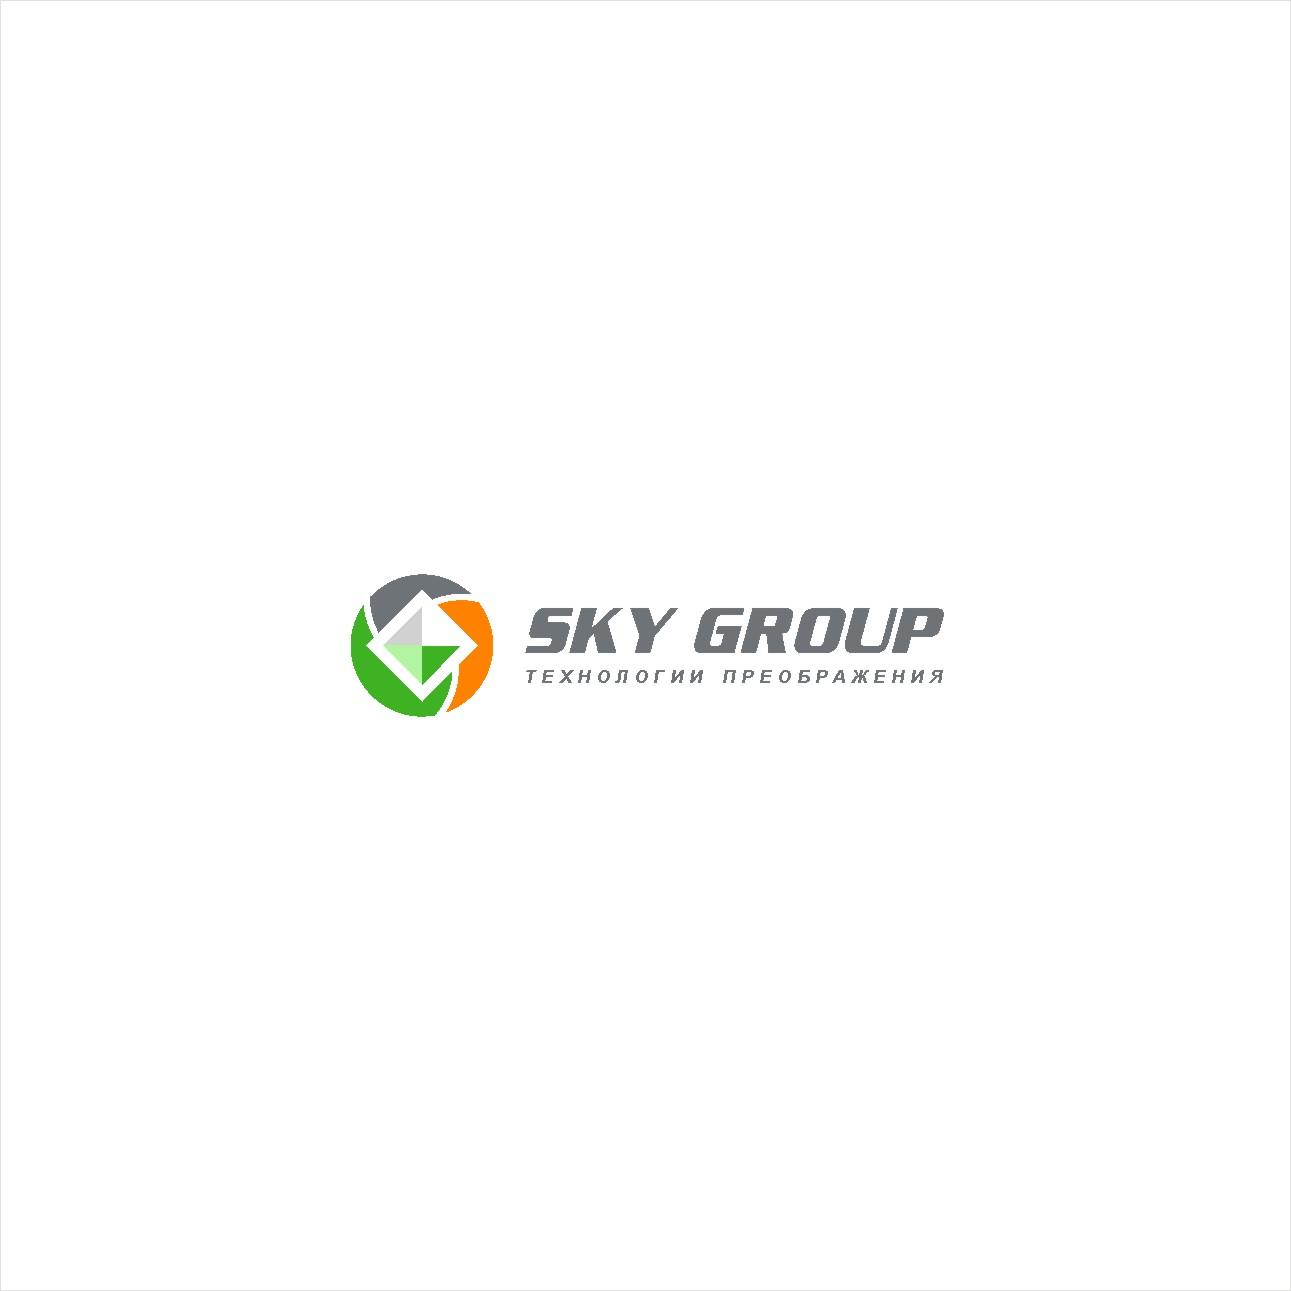 Новый логотип для производственной компании фото f_1385a87fa926e3cd.jpg